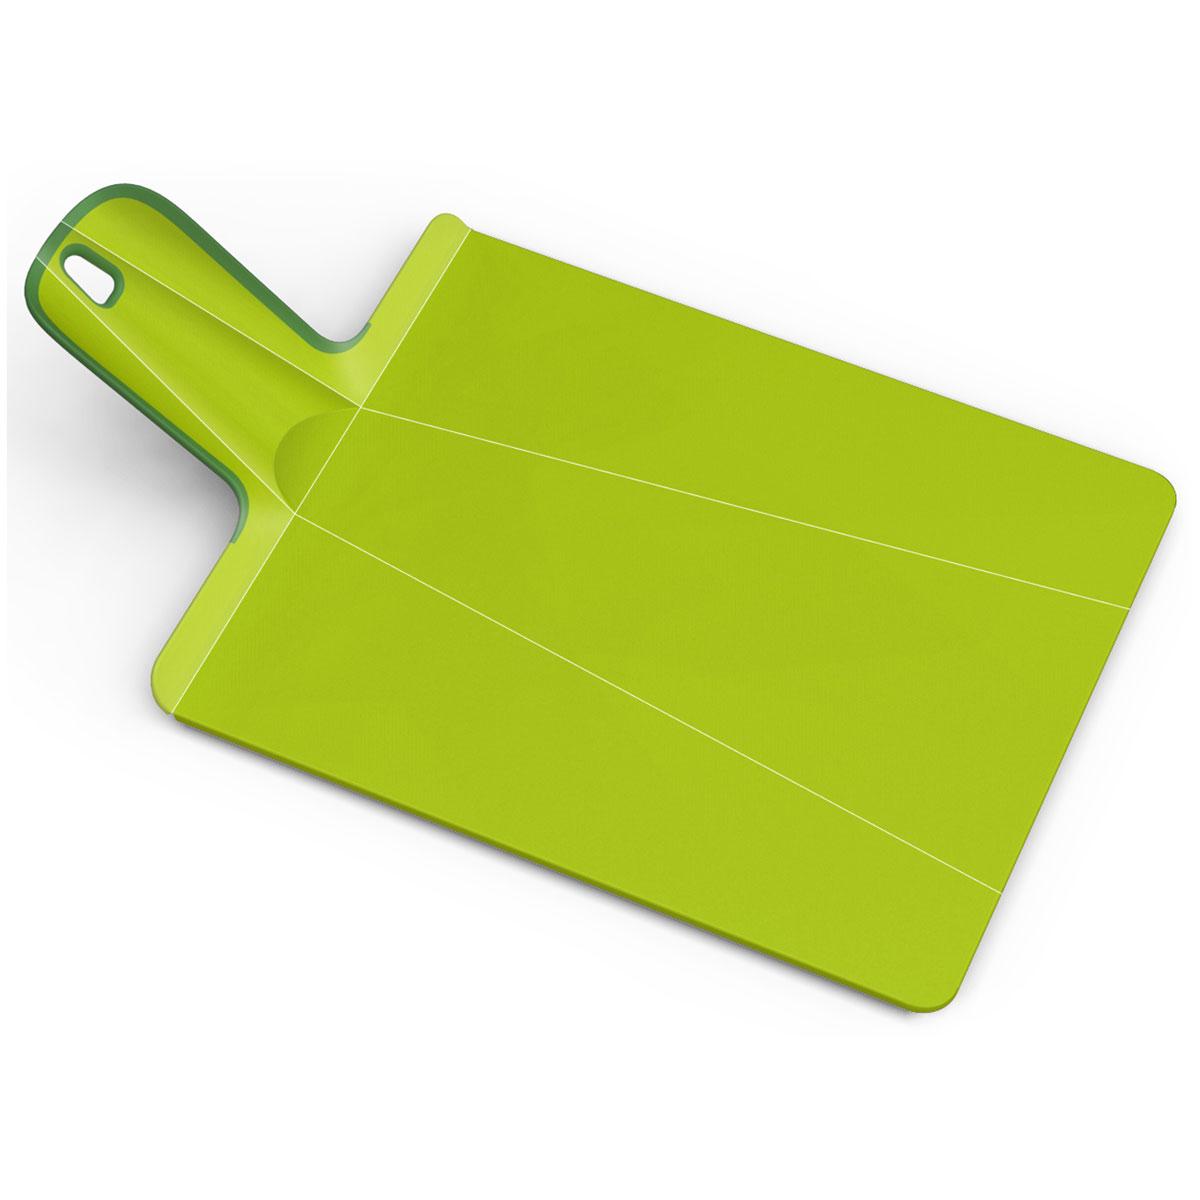 Доска разделочная Joseph Joseph Chop2Pot. Mини, цвет: зеленый, 17 х 32 см60051Разделочная доска Joseph Joseph Chop2Pot. Mини изготовлена из прочного пищевого пластика со специальным покрытием, которое предотвращает прилипание пищи и сохраняет ножи острыми. Удобная ручка оснащена прорезиненными вставками, что обеспечивает надежный хват и комфорт во время использования. Обратная сторона доски снабжена такими же вставками для предотвращения скольжения по поверхности стола. Благодаря изгибам в определенных местах, доска удобно сворачивается и позволяет аккуратно пересыпать все, что вы нарезали.Всем знакомо, как неудобно ссыпать порезанные овощи в кастрюлю, но с этим приспособлением вы одним движением превратите разделочную доску в удобный совок, и все попадет по назначению. Можно мыть в посудомоечной машине. Размер доски: 17 см х 32 см. Длина ручки: 9,5 см.